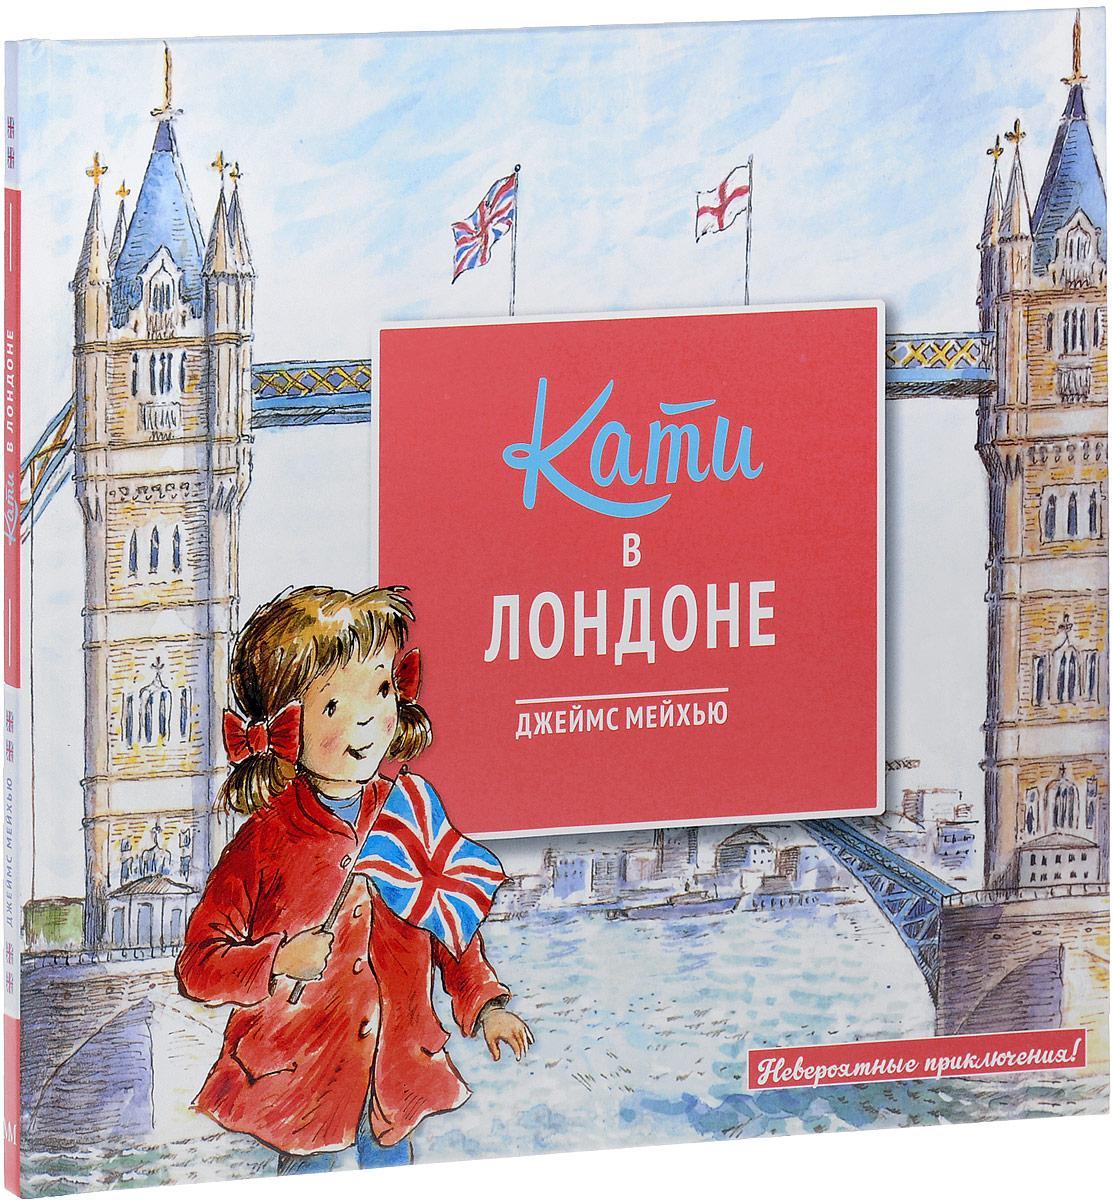 Джеймс Мейхью Кати в Лондоне мейхью джеймс кати в картинной галерее